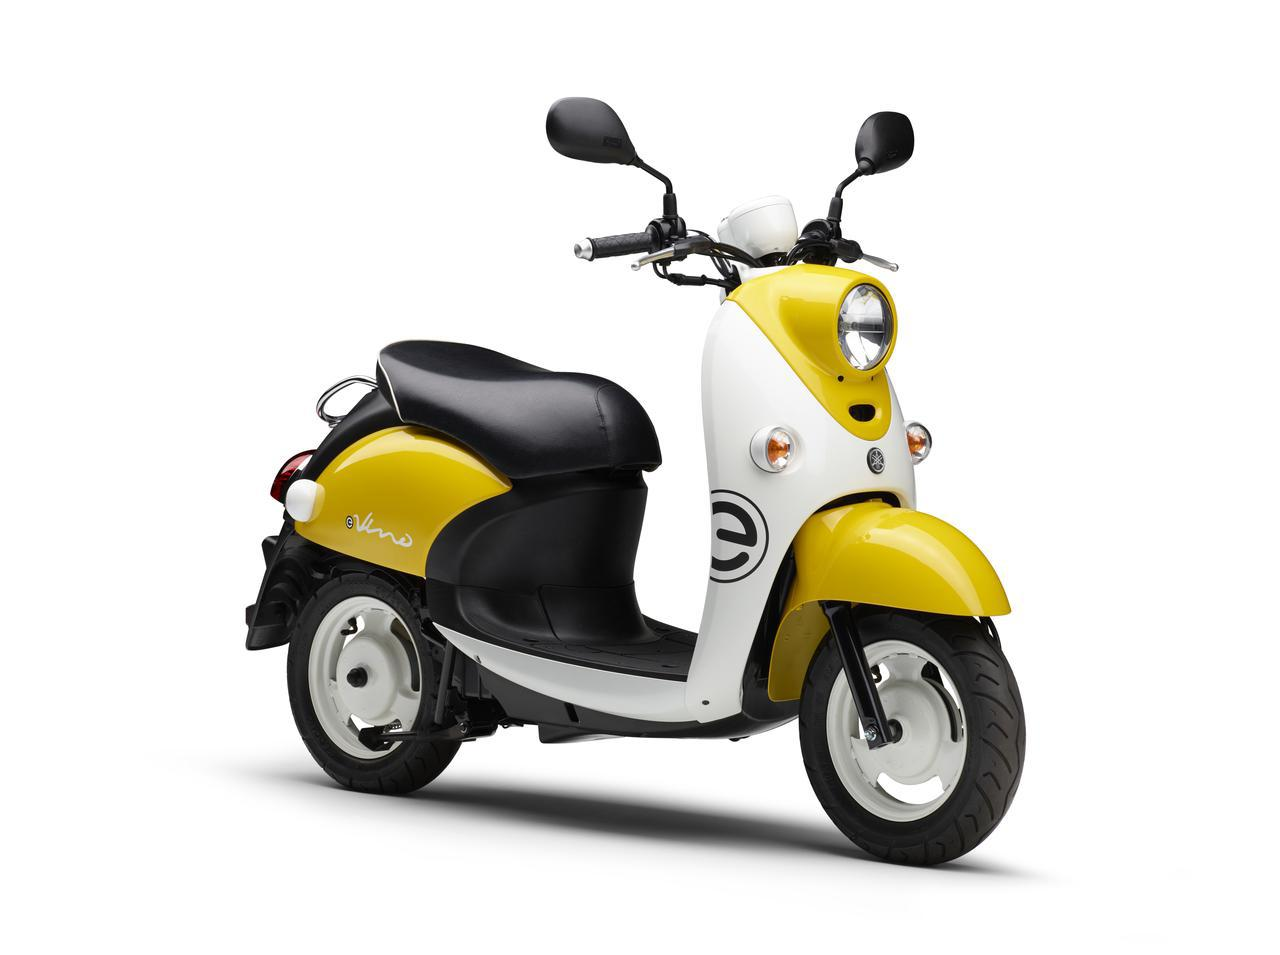 画像1: ヤマハが電動スクーター「E-Vino」(イービーノ)の2021年モデルを発売! 初のカラーチェンジでイメージを一新